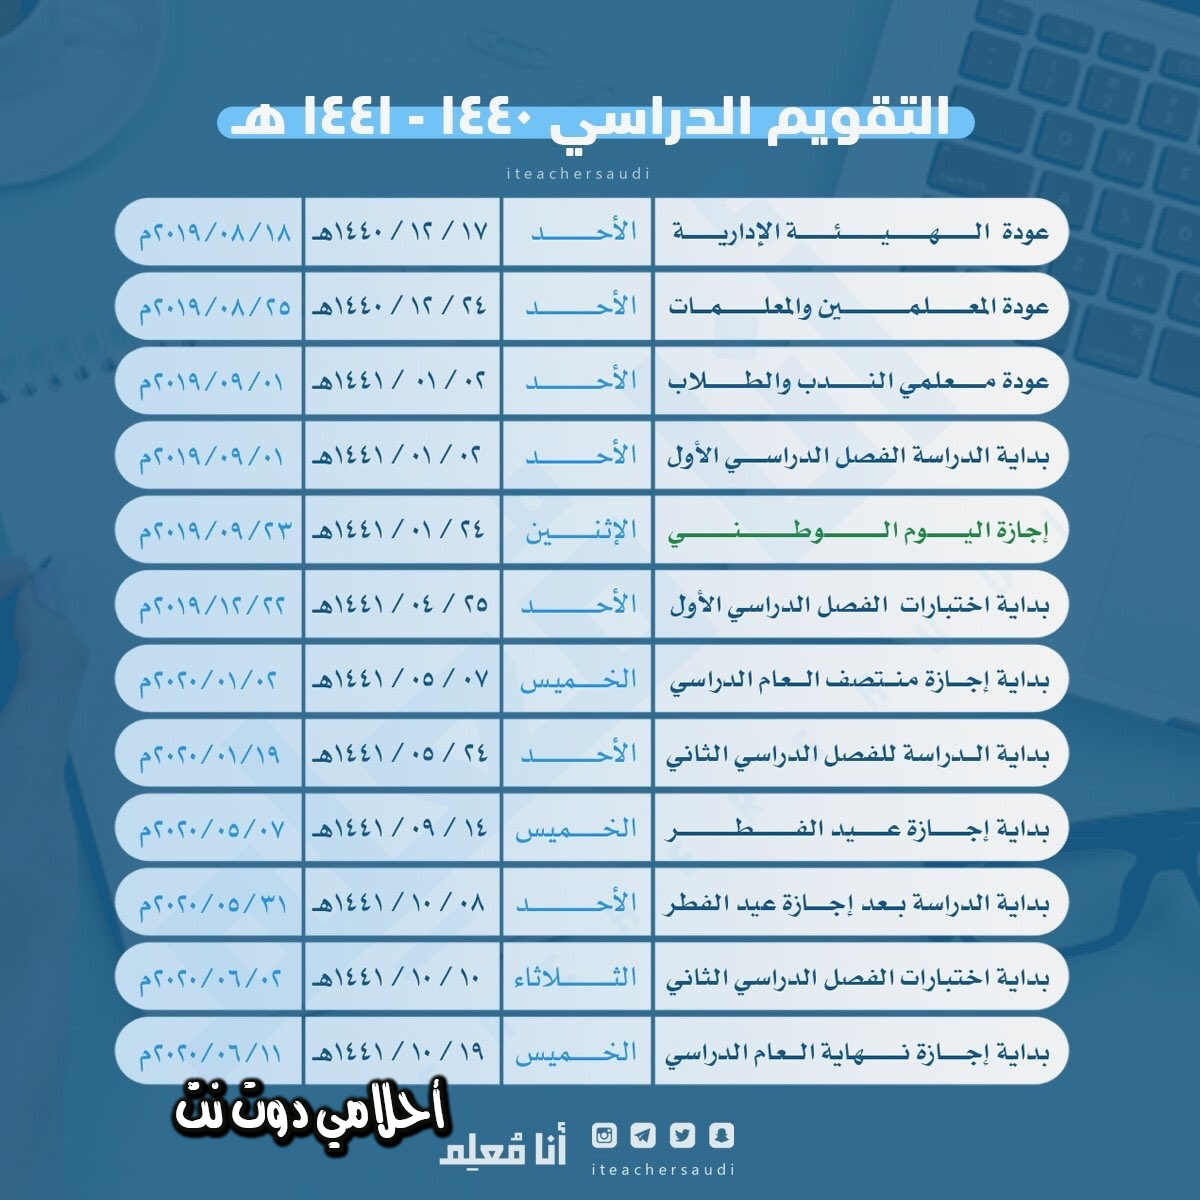 موعد دوام المعلمين والمعلمات في مدارس السعودية 1440 - 1441 / 2019